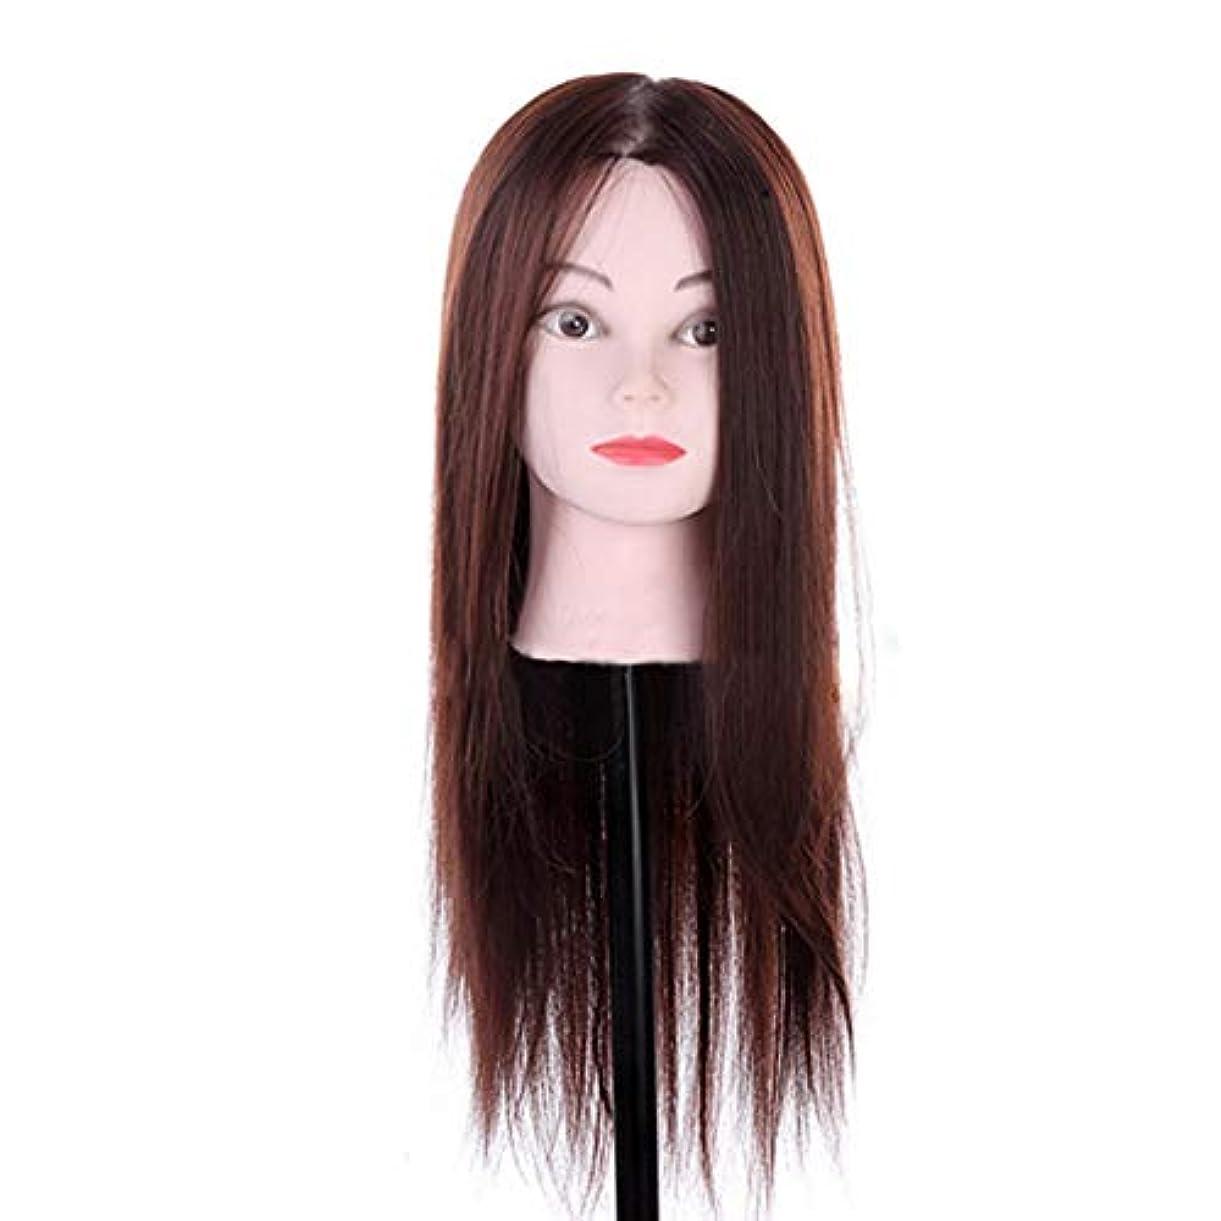 ゼロ追加する検証メイクアップエクササイズディスク髪編組ヘッド金型デュアルユースダミーヘッドモデルヘッド美容ヘアカットティーチングヘッドかつら